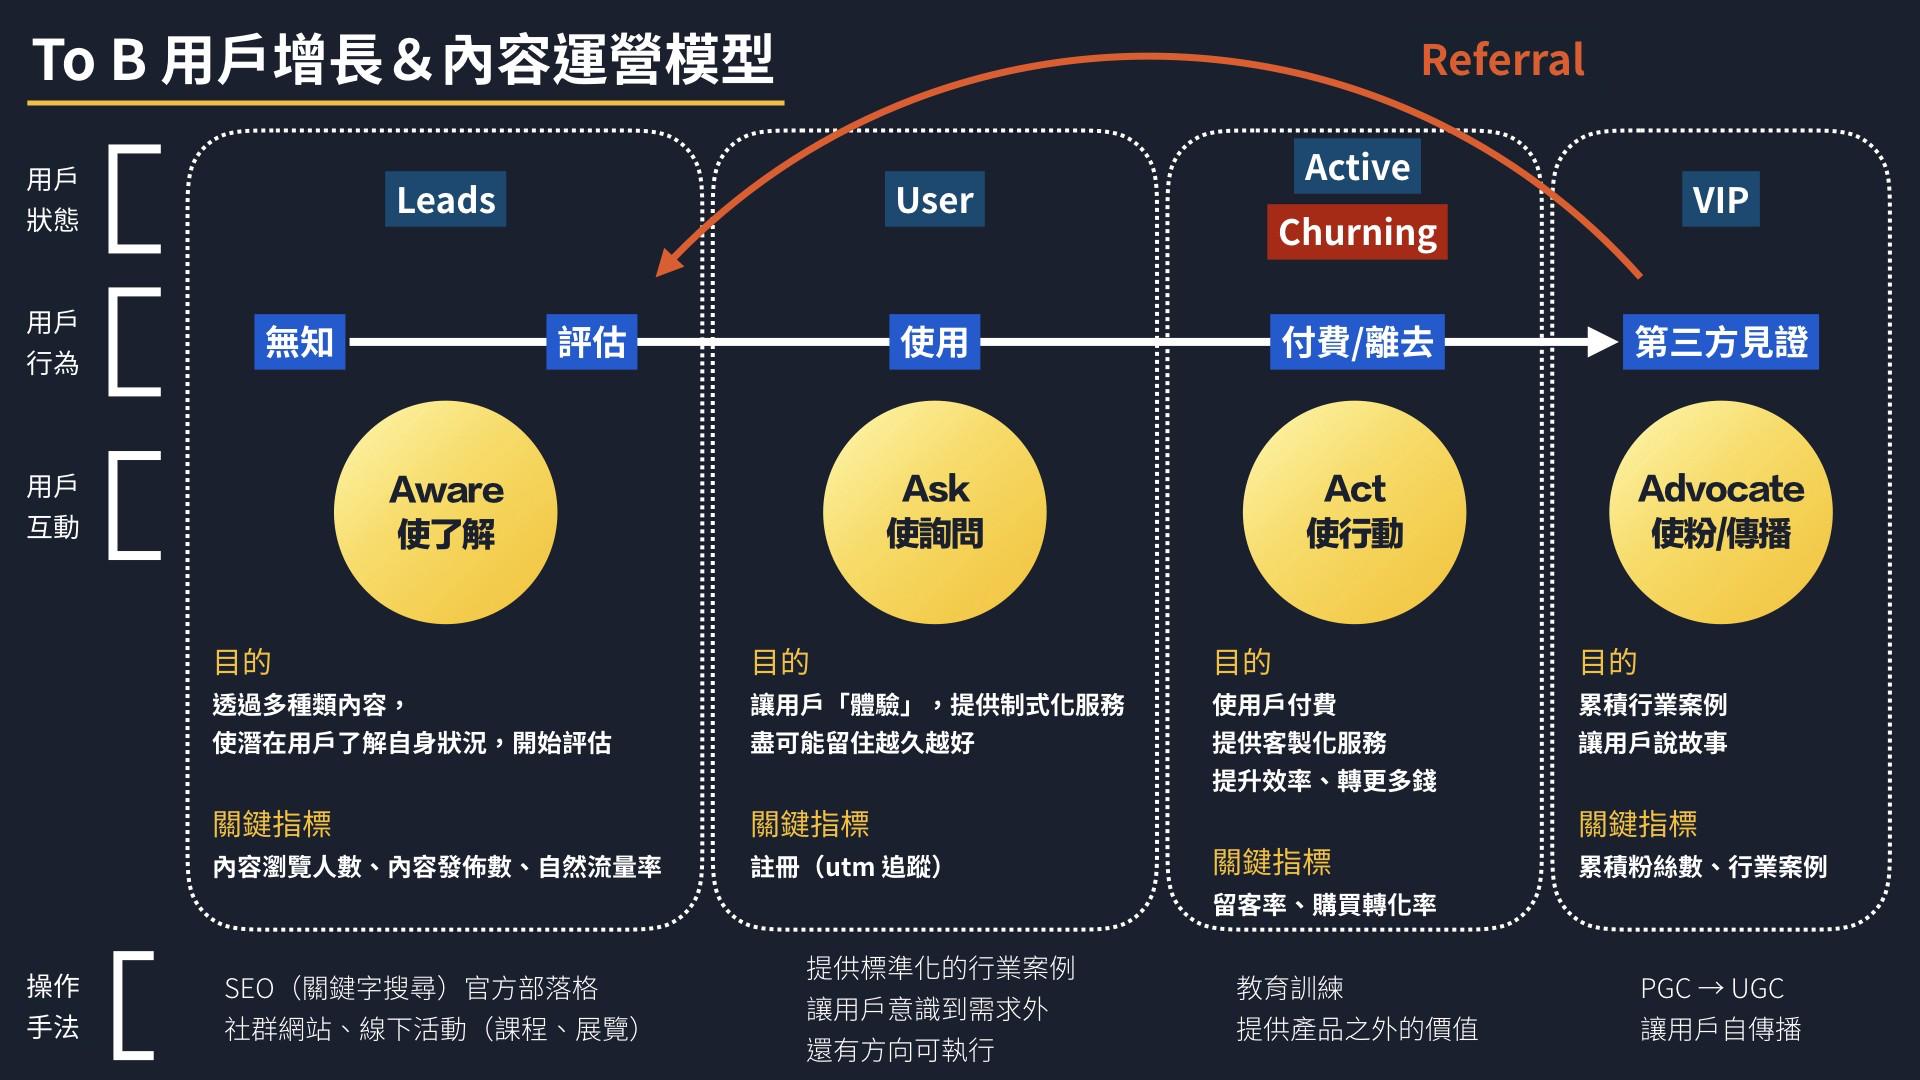 B2B 产品方法论(一):用户增长 & 内容运营方法论,To C 模型修正、 SaaS产品特性